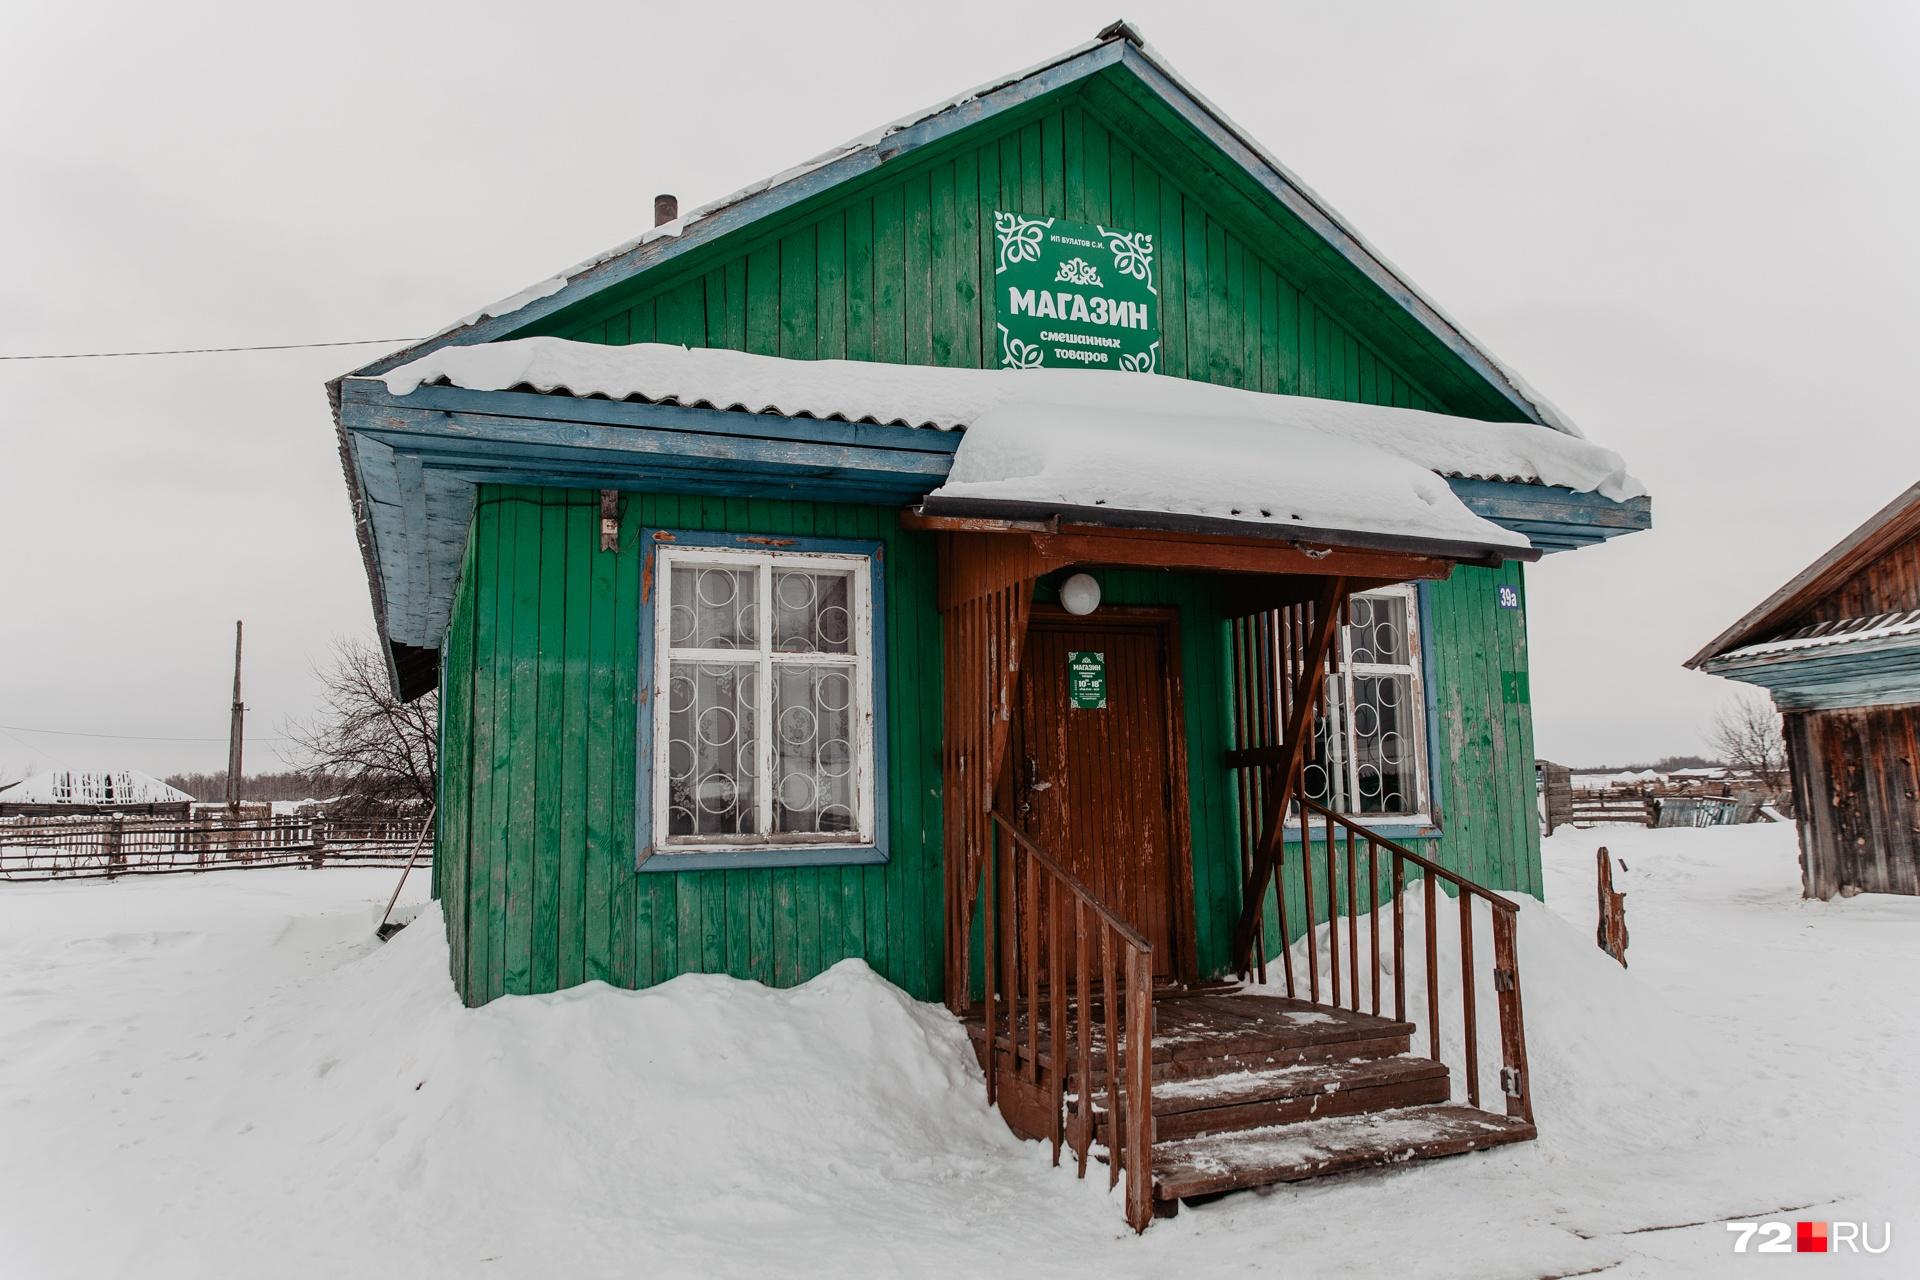 А вот единственный магазин в селе